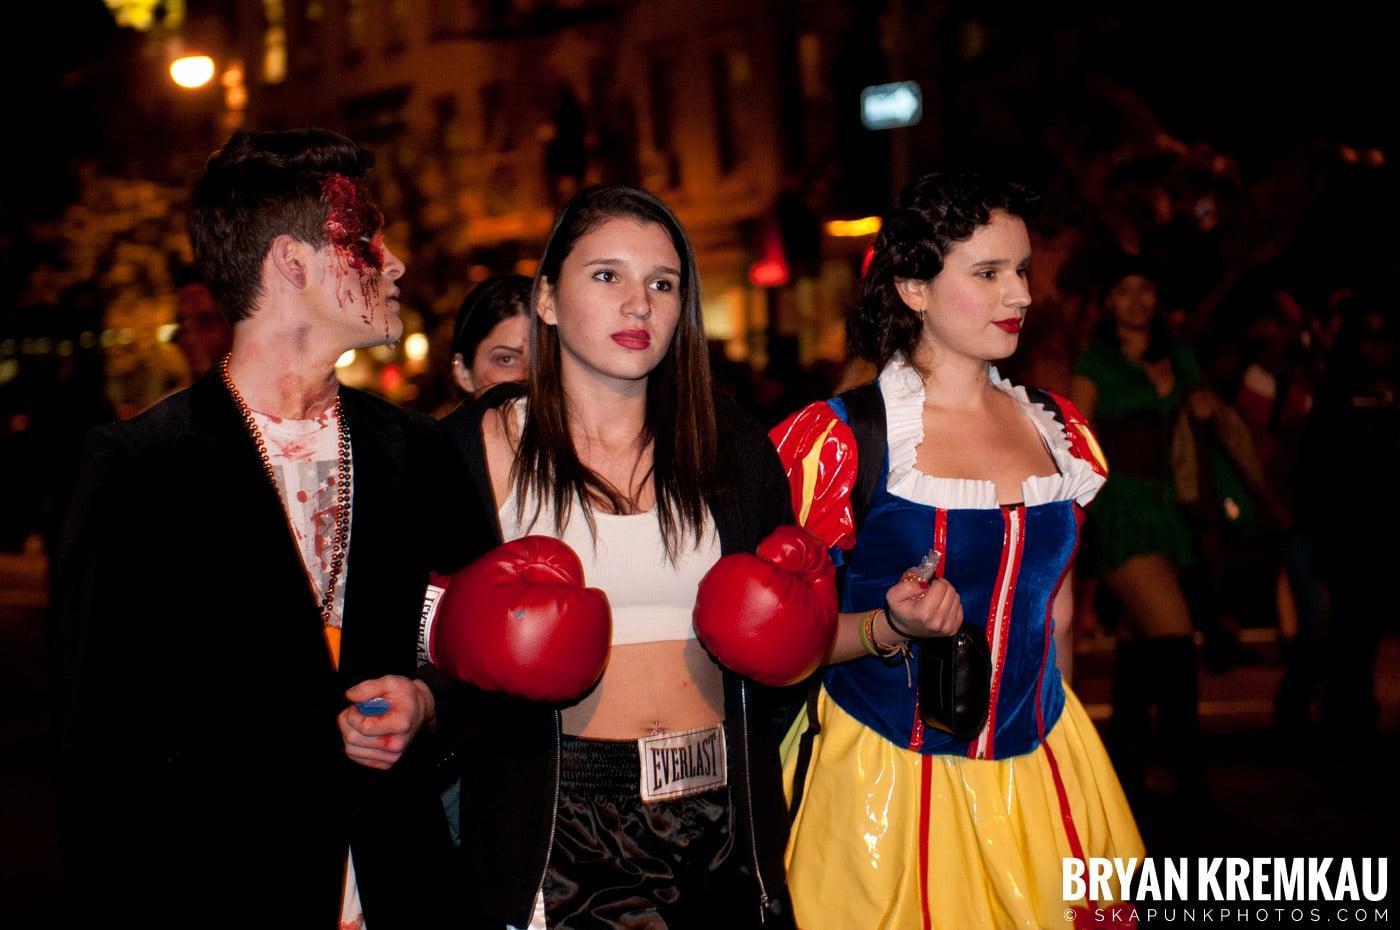 NYC Halloween Parade 2011 @ New York, NY - 10.31.11 (38)